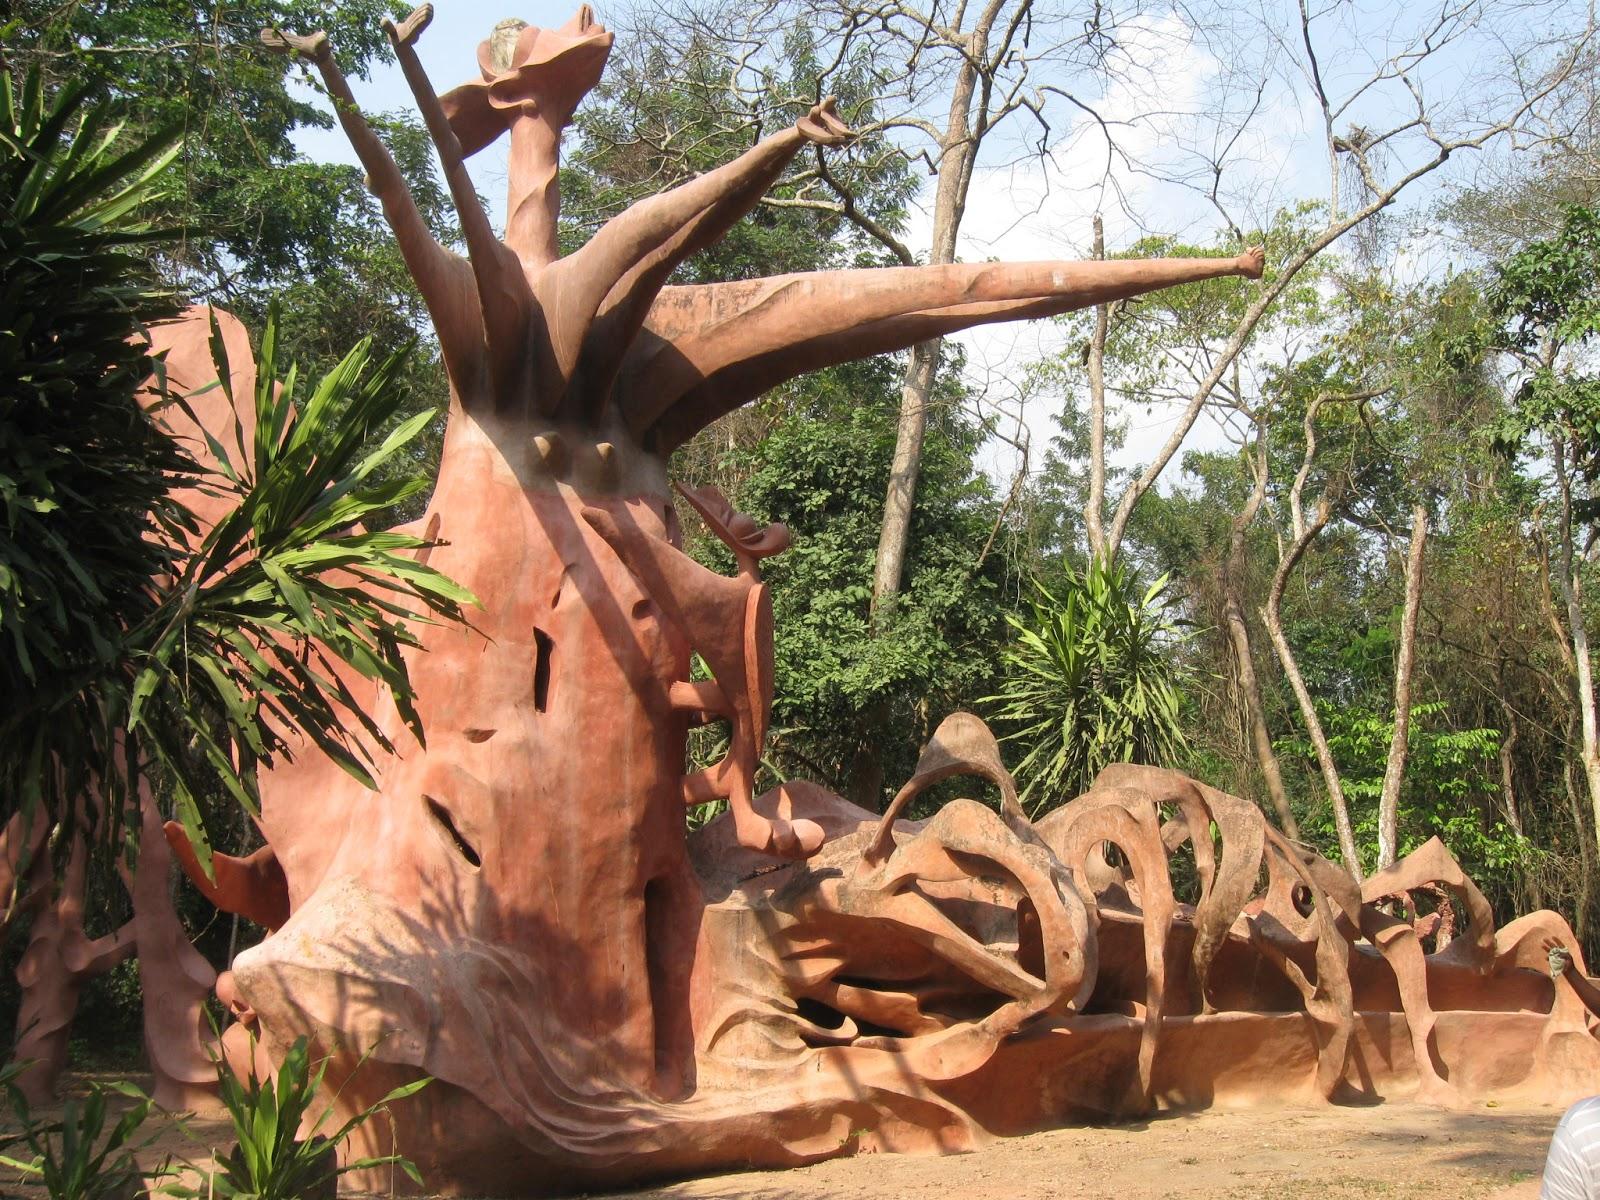 Image of osun osogbo grove